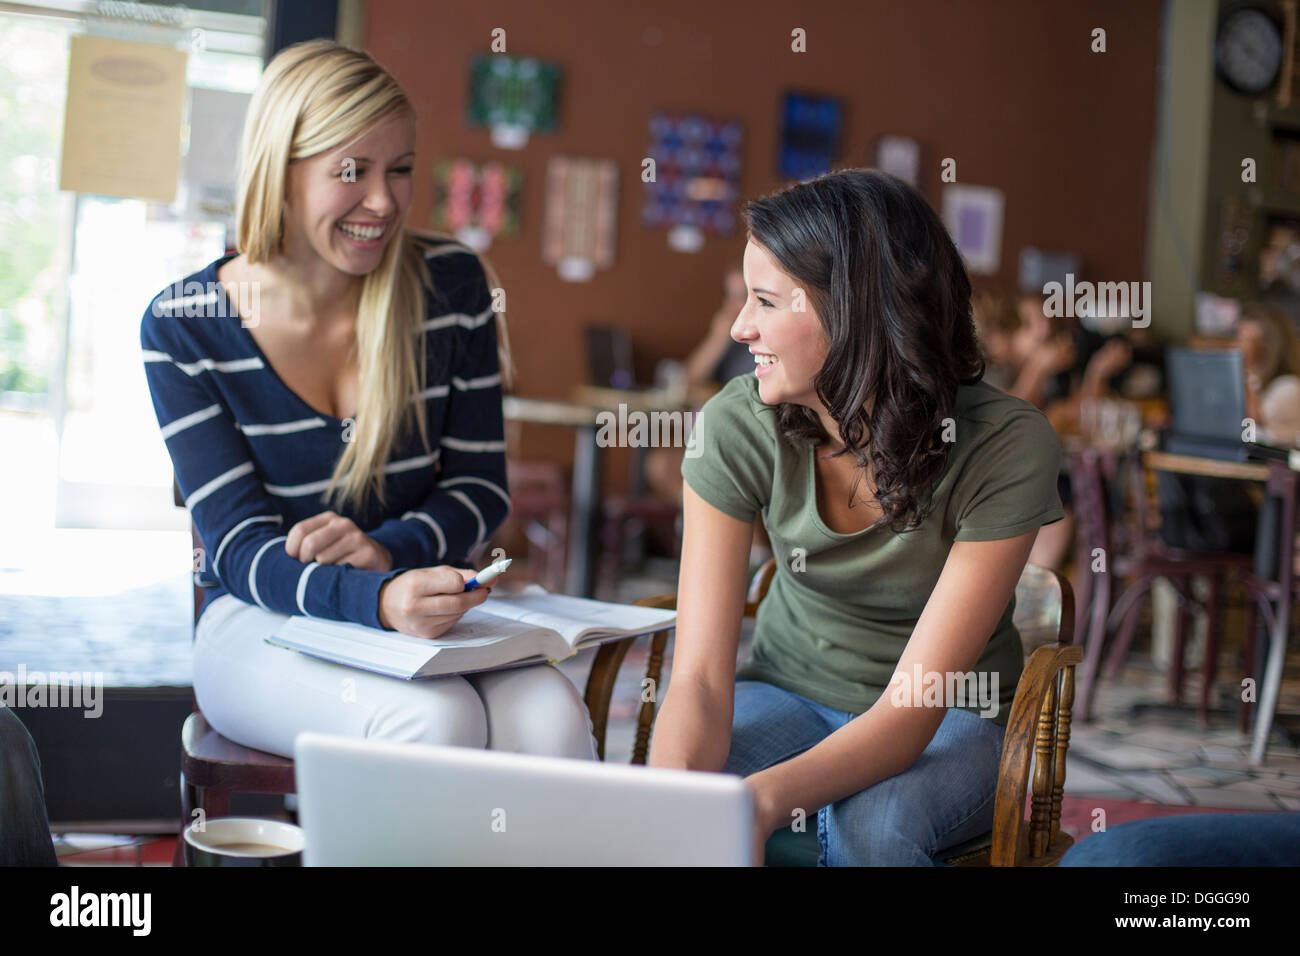 Deux adolescents qui étudient avec les manuels scolaires et l'ordinateur dans cafe Banque D'Images